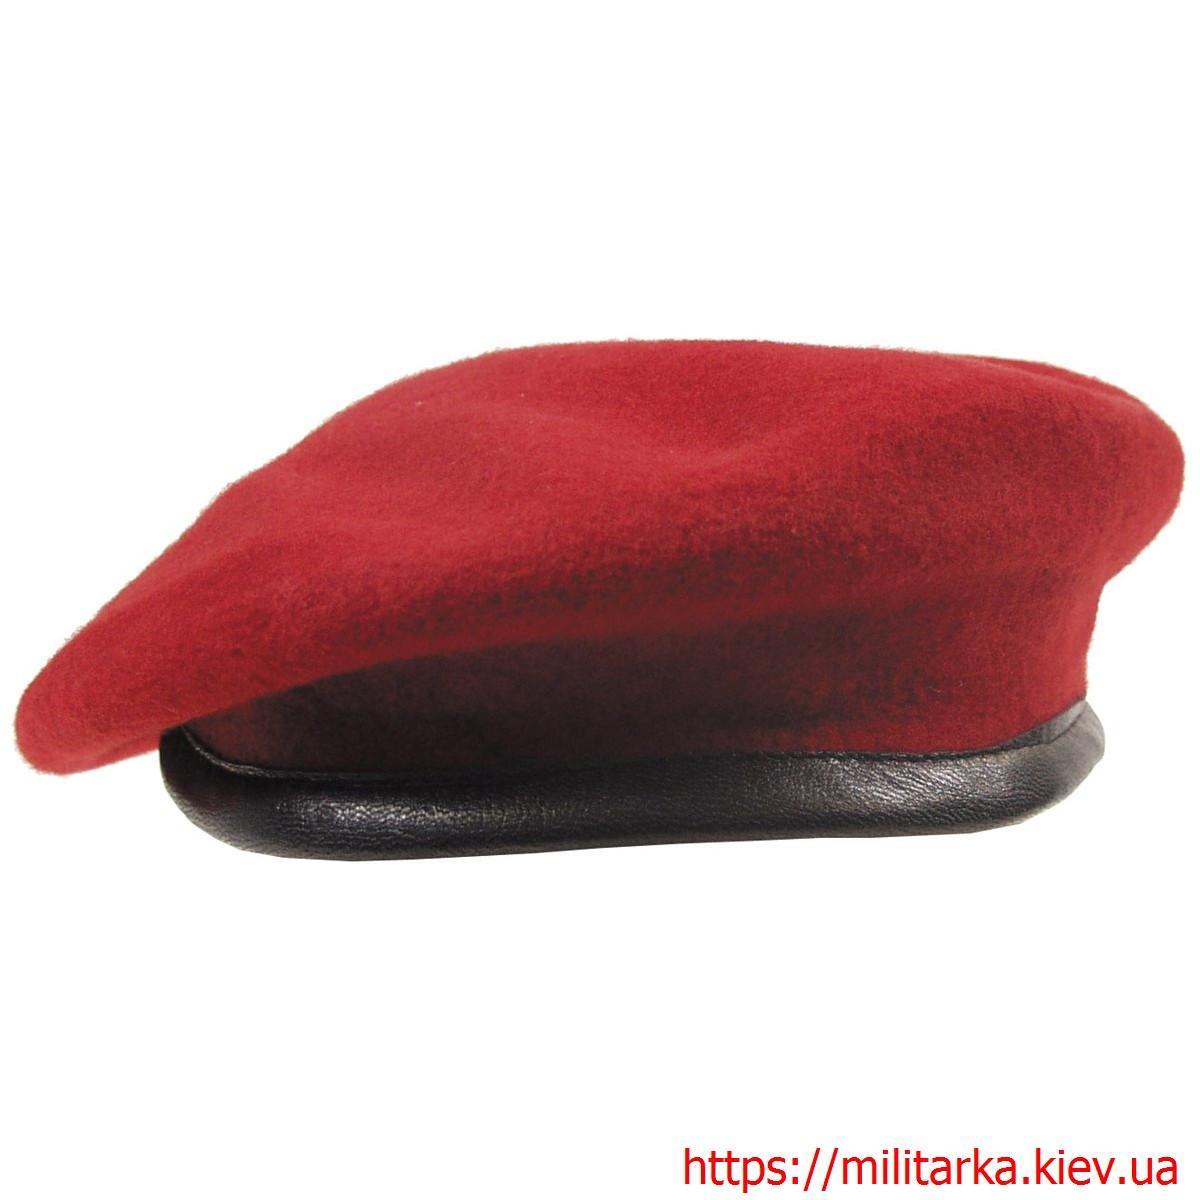 Берет бесшовный MFH red